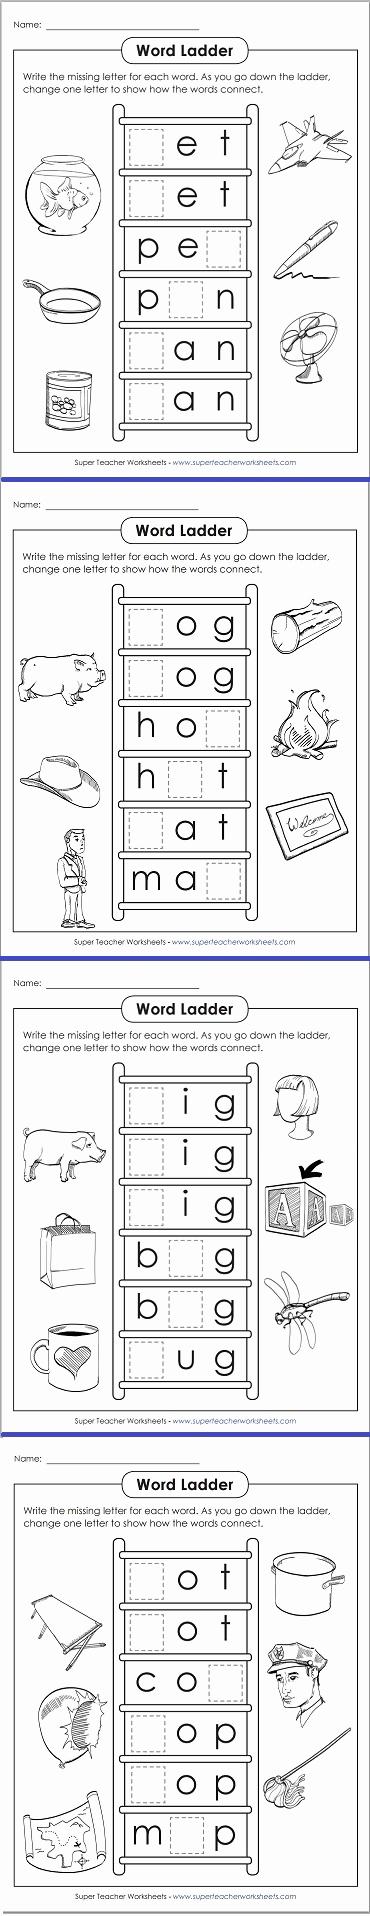 Word Ladder Worksheets Unique Word Ladder Worksheets